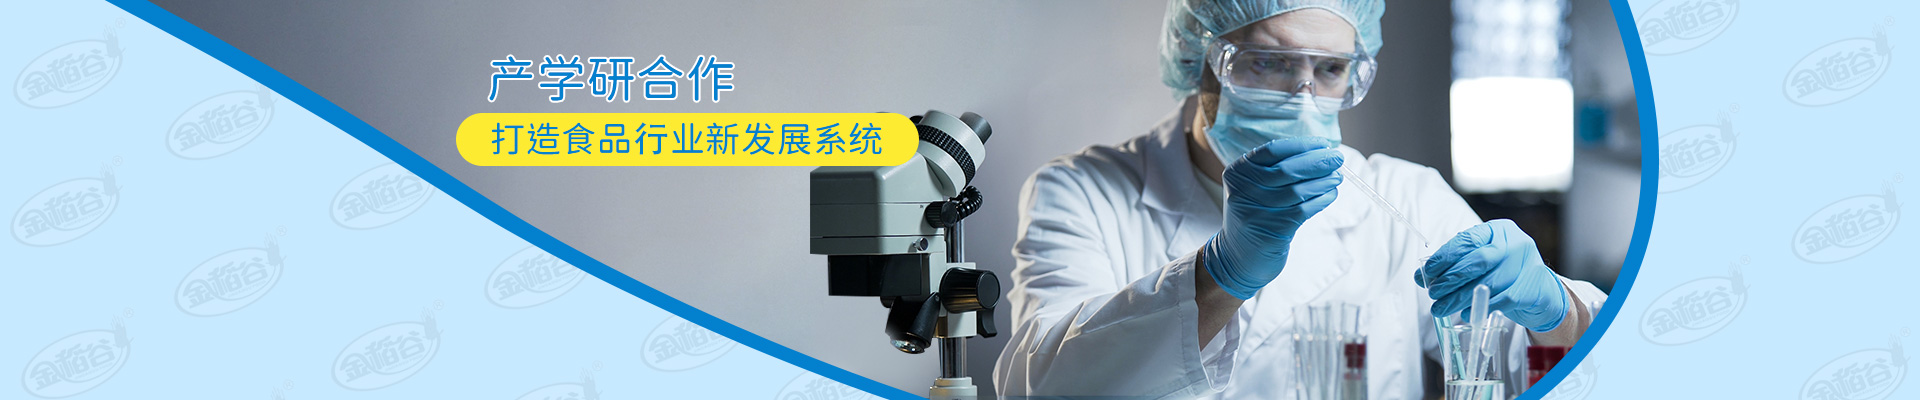 金旺产学研合作,打造行业新发展系统